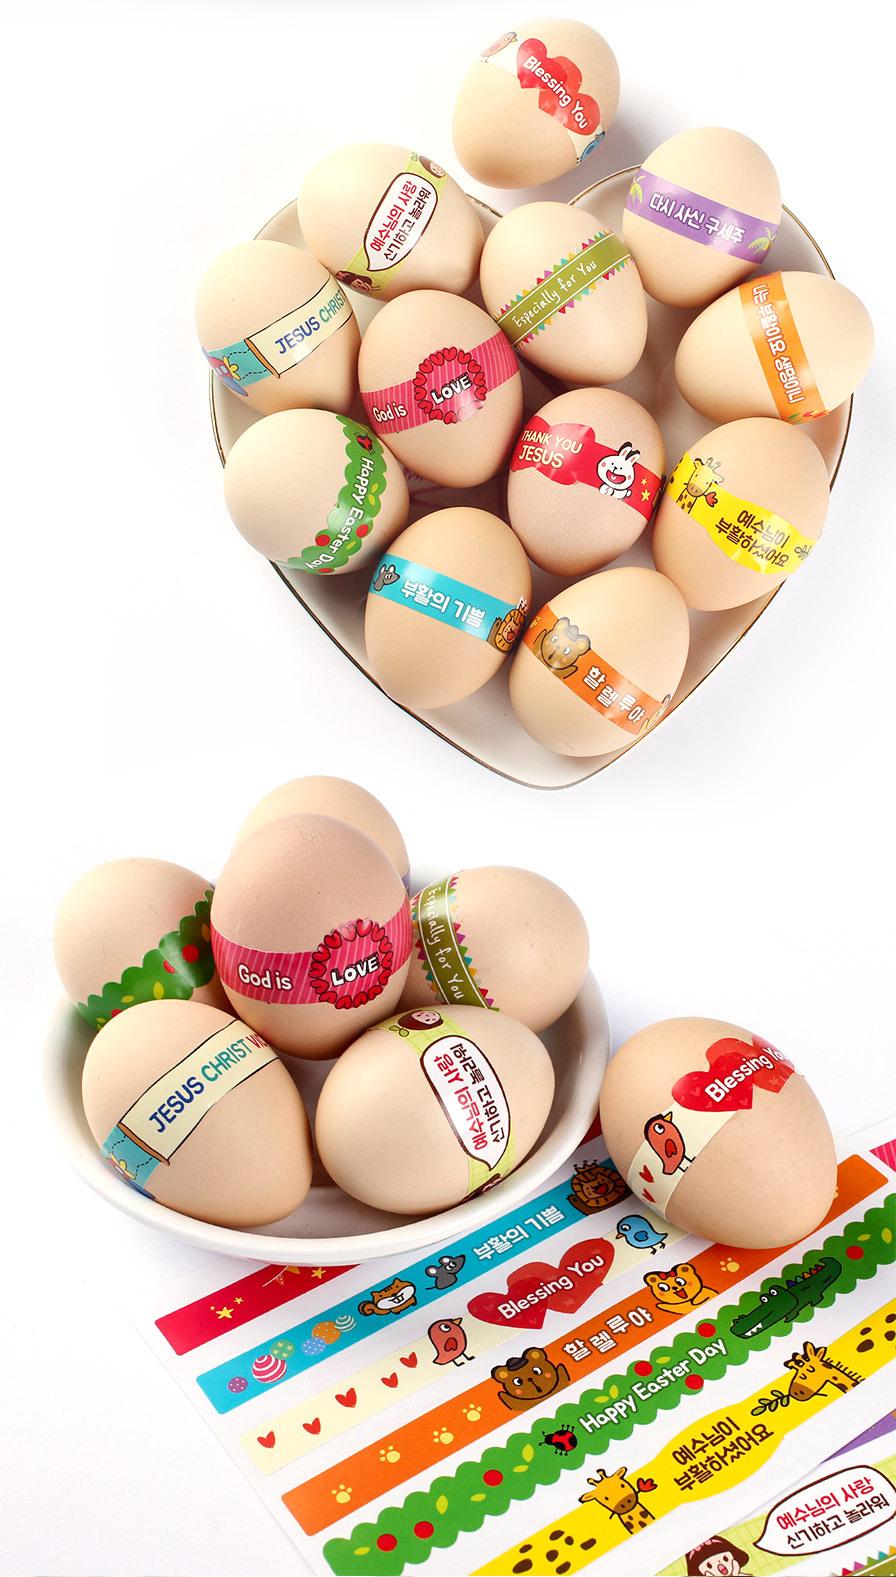 교회 부활절 달걀꾸미기 띠지스티커 연출사진1